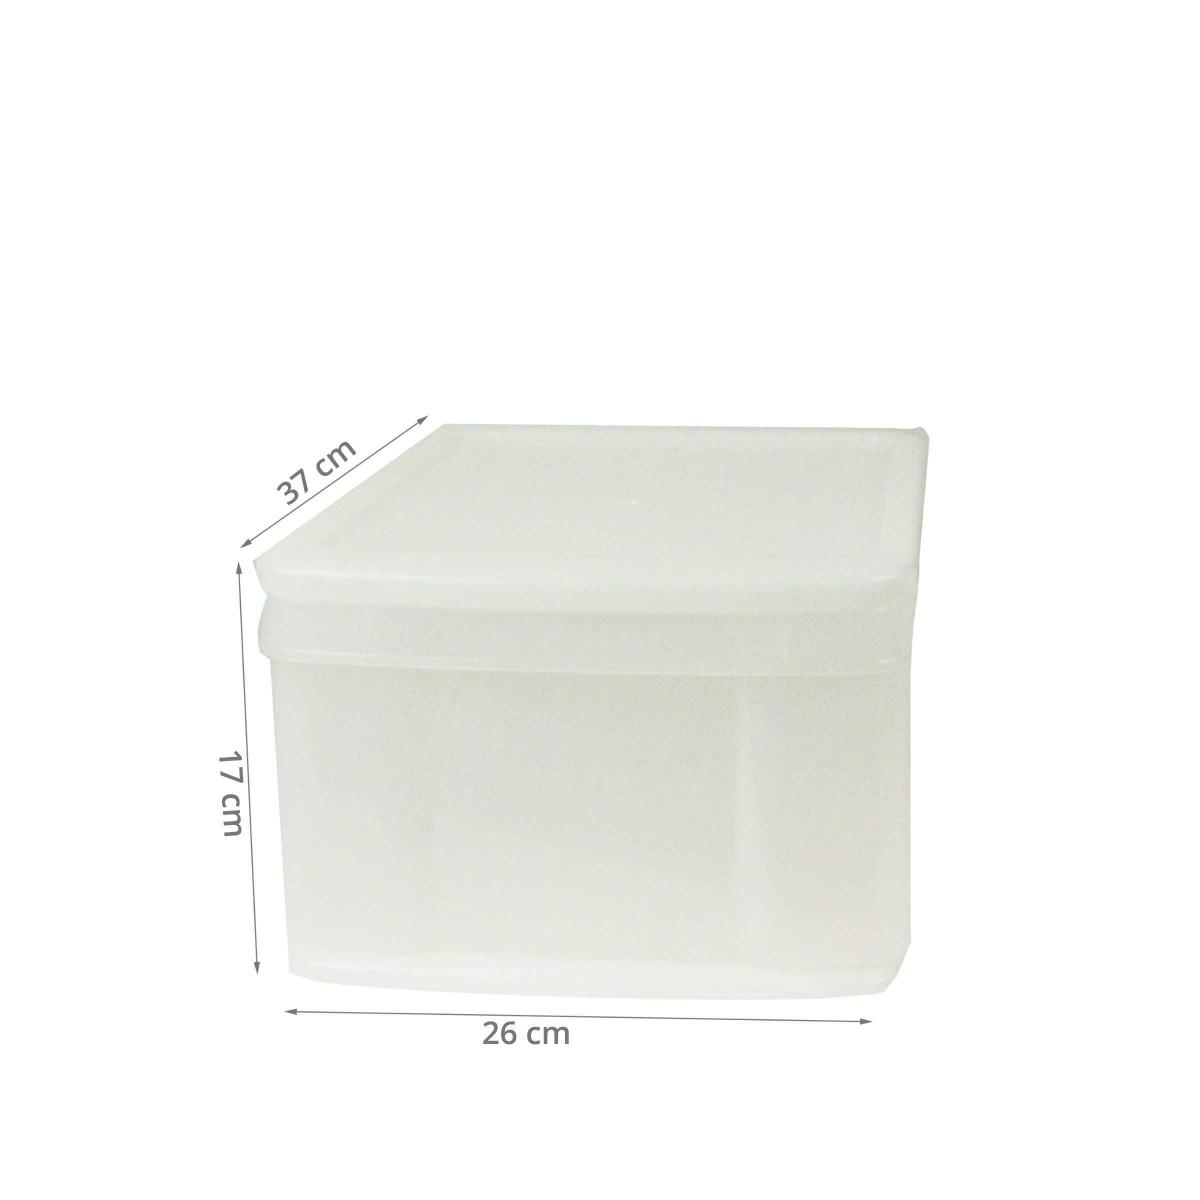 Bo te tiroir plastique rangement accessoires - Boite a outils avec tiroirs ...